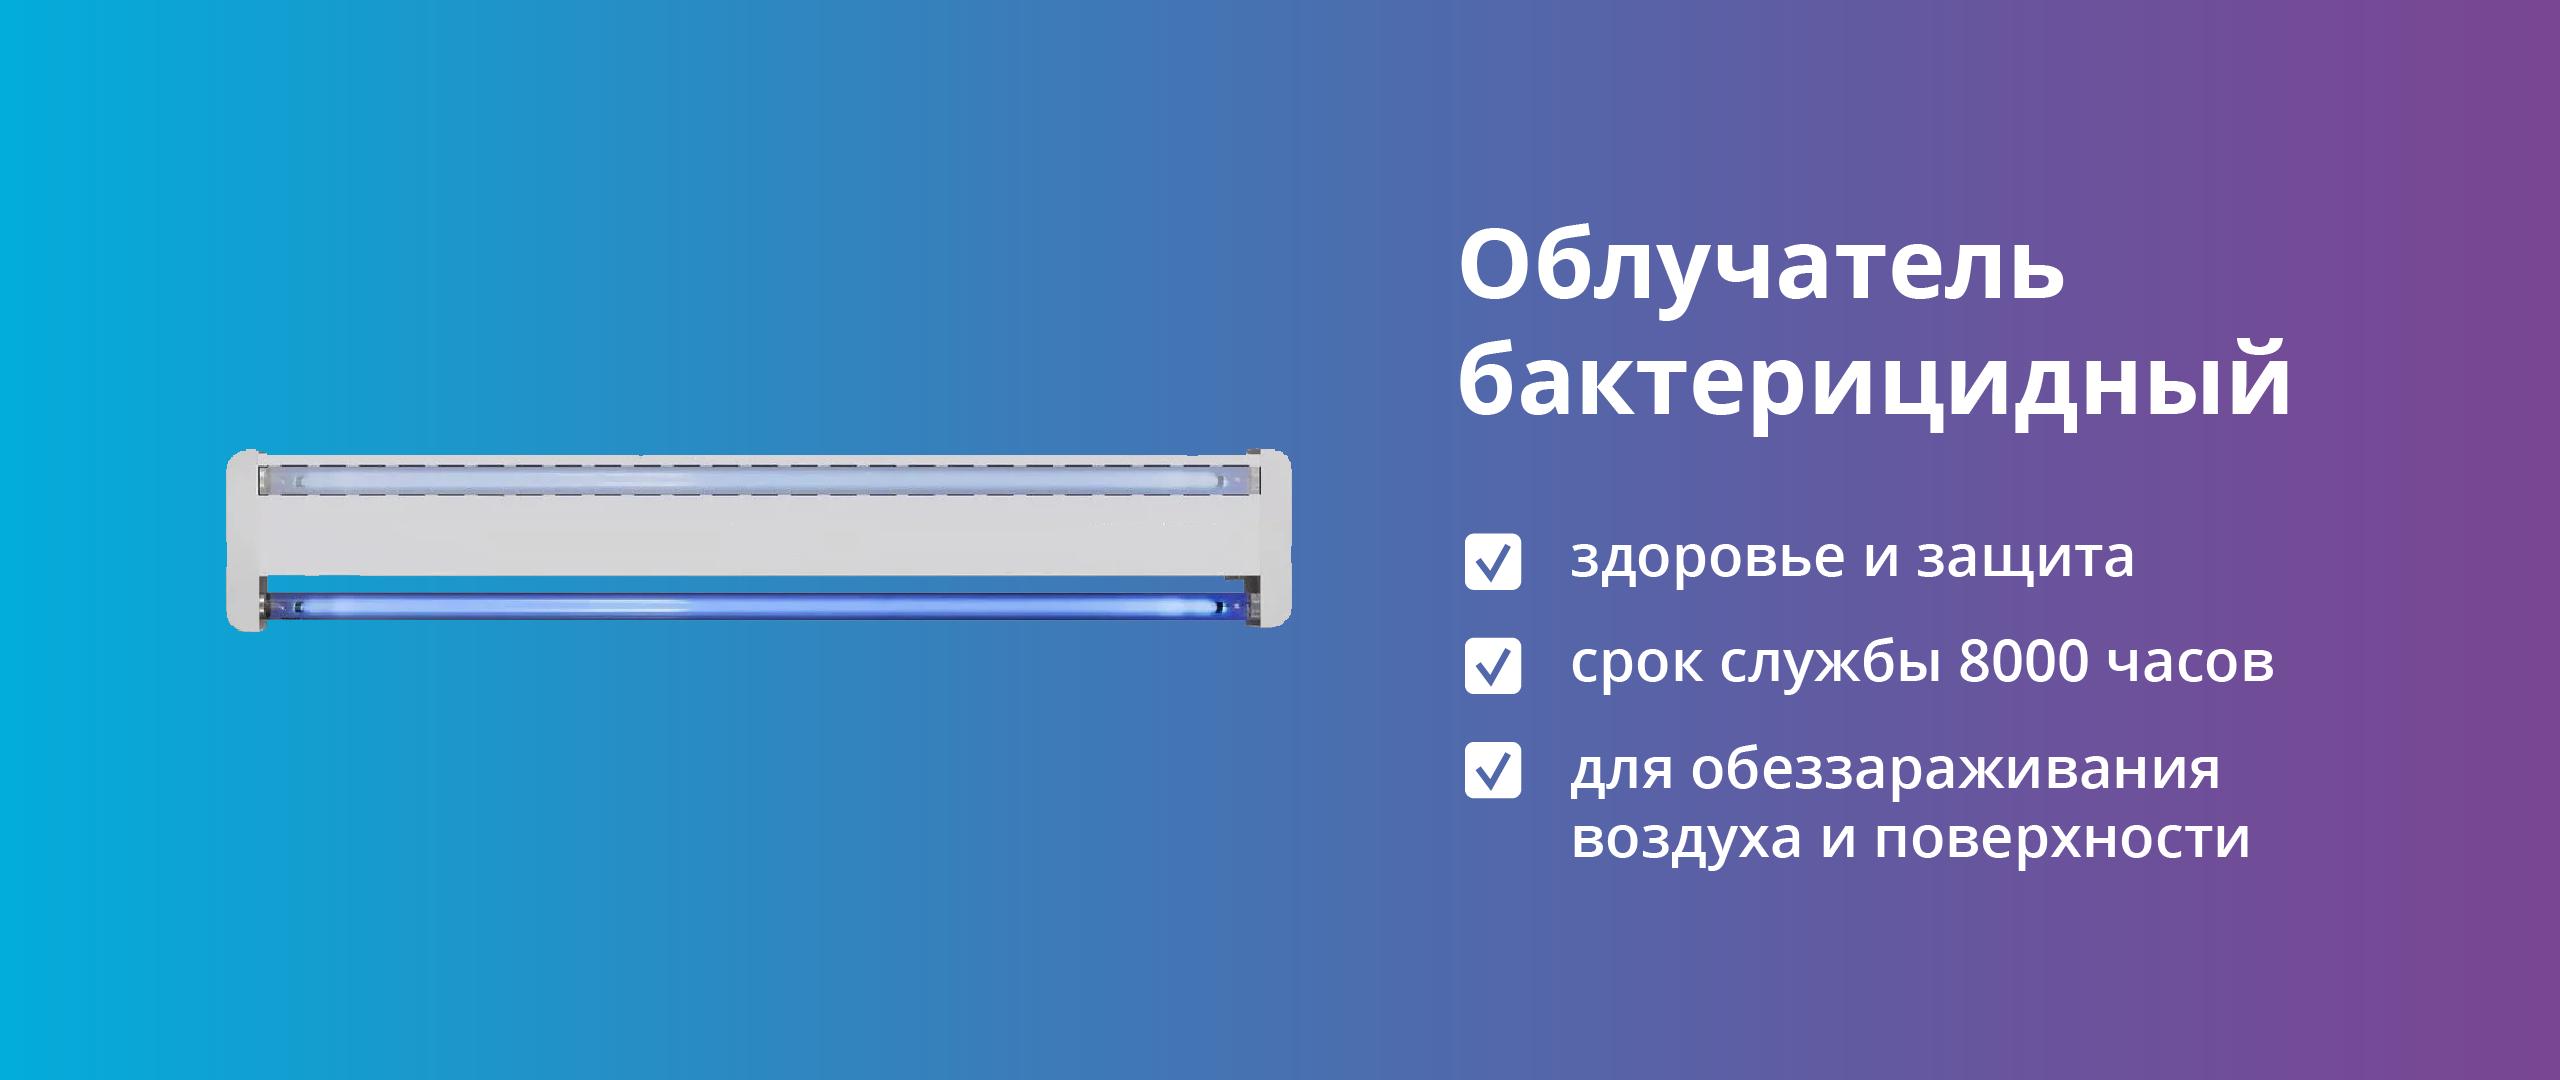 Montazhnaya_oblast_1